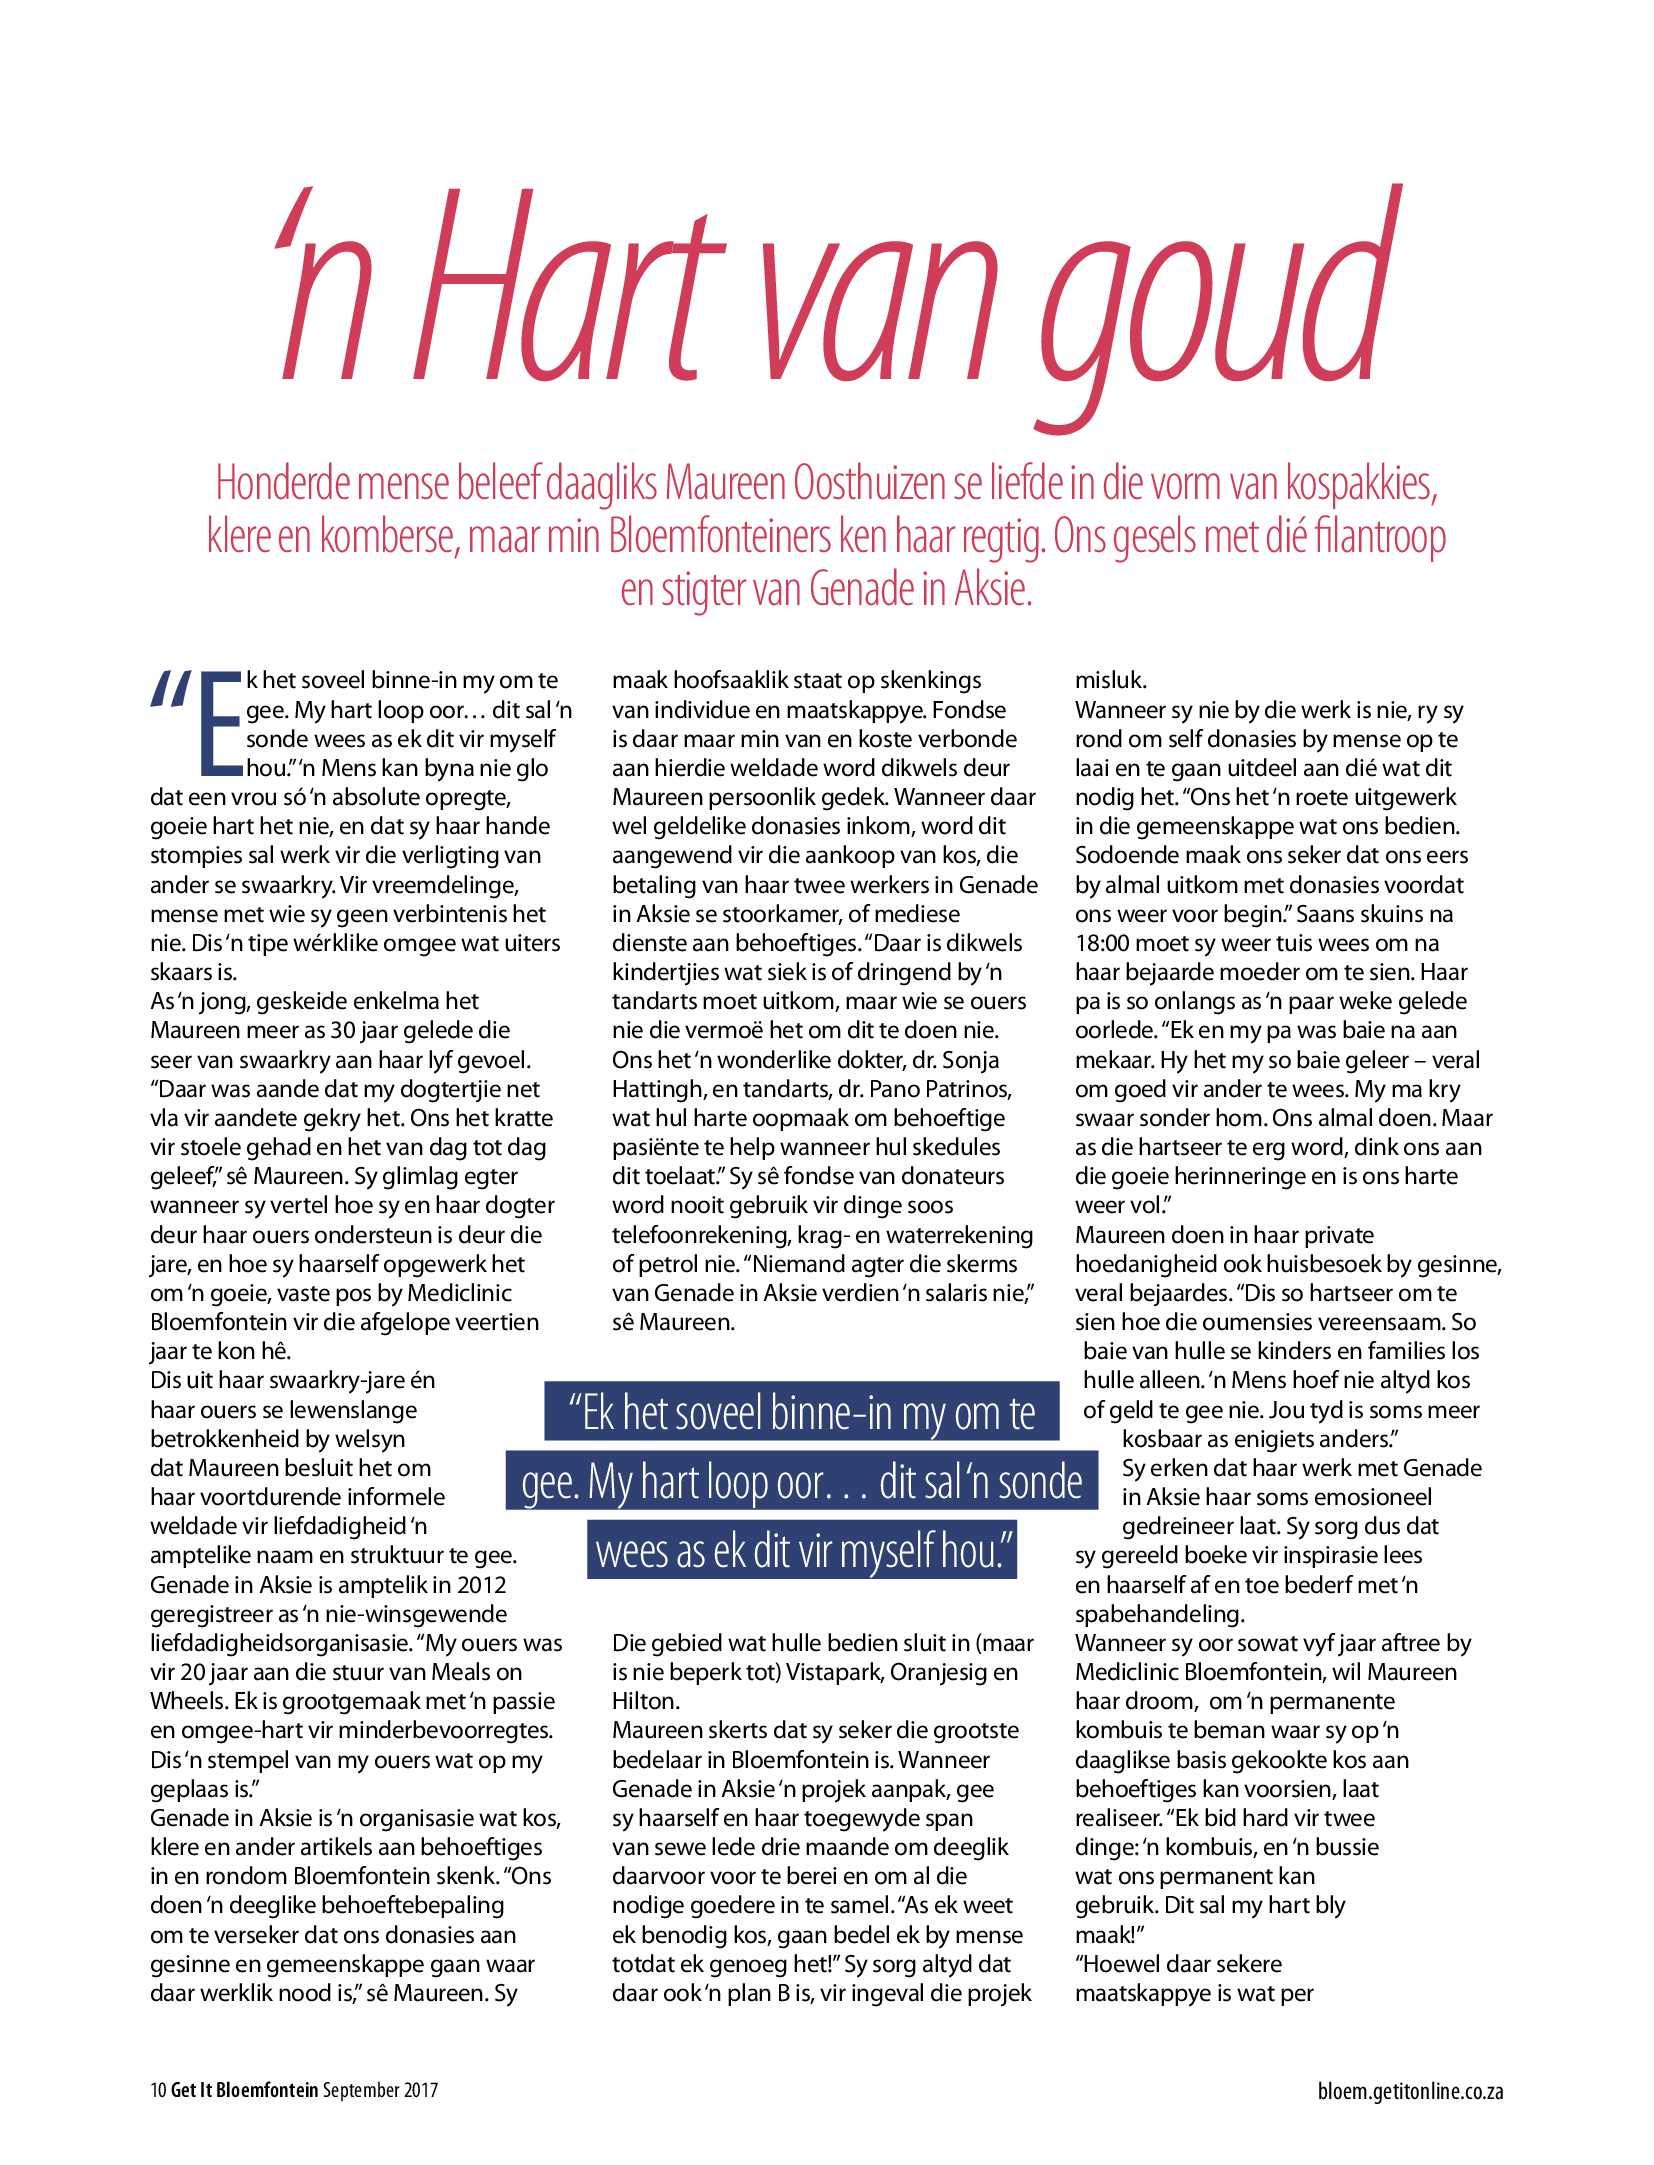 get-bloemfontein-september-2017-epapers-page-12